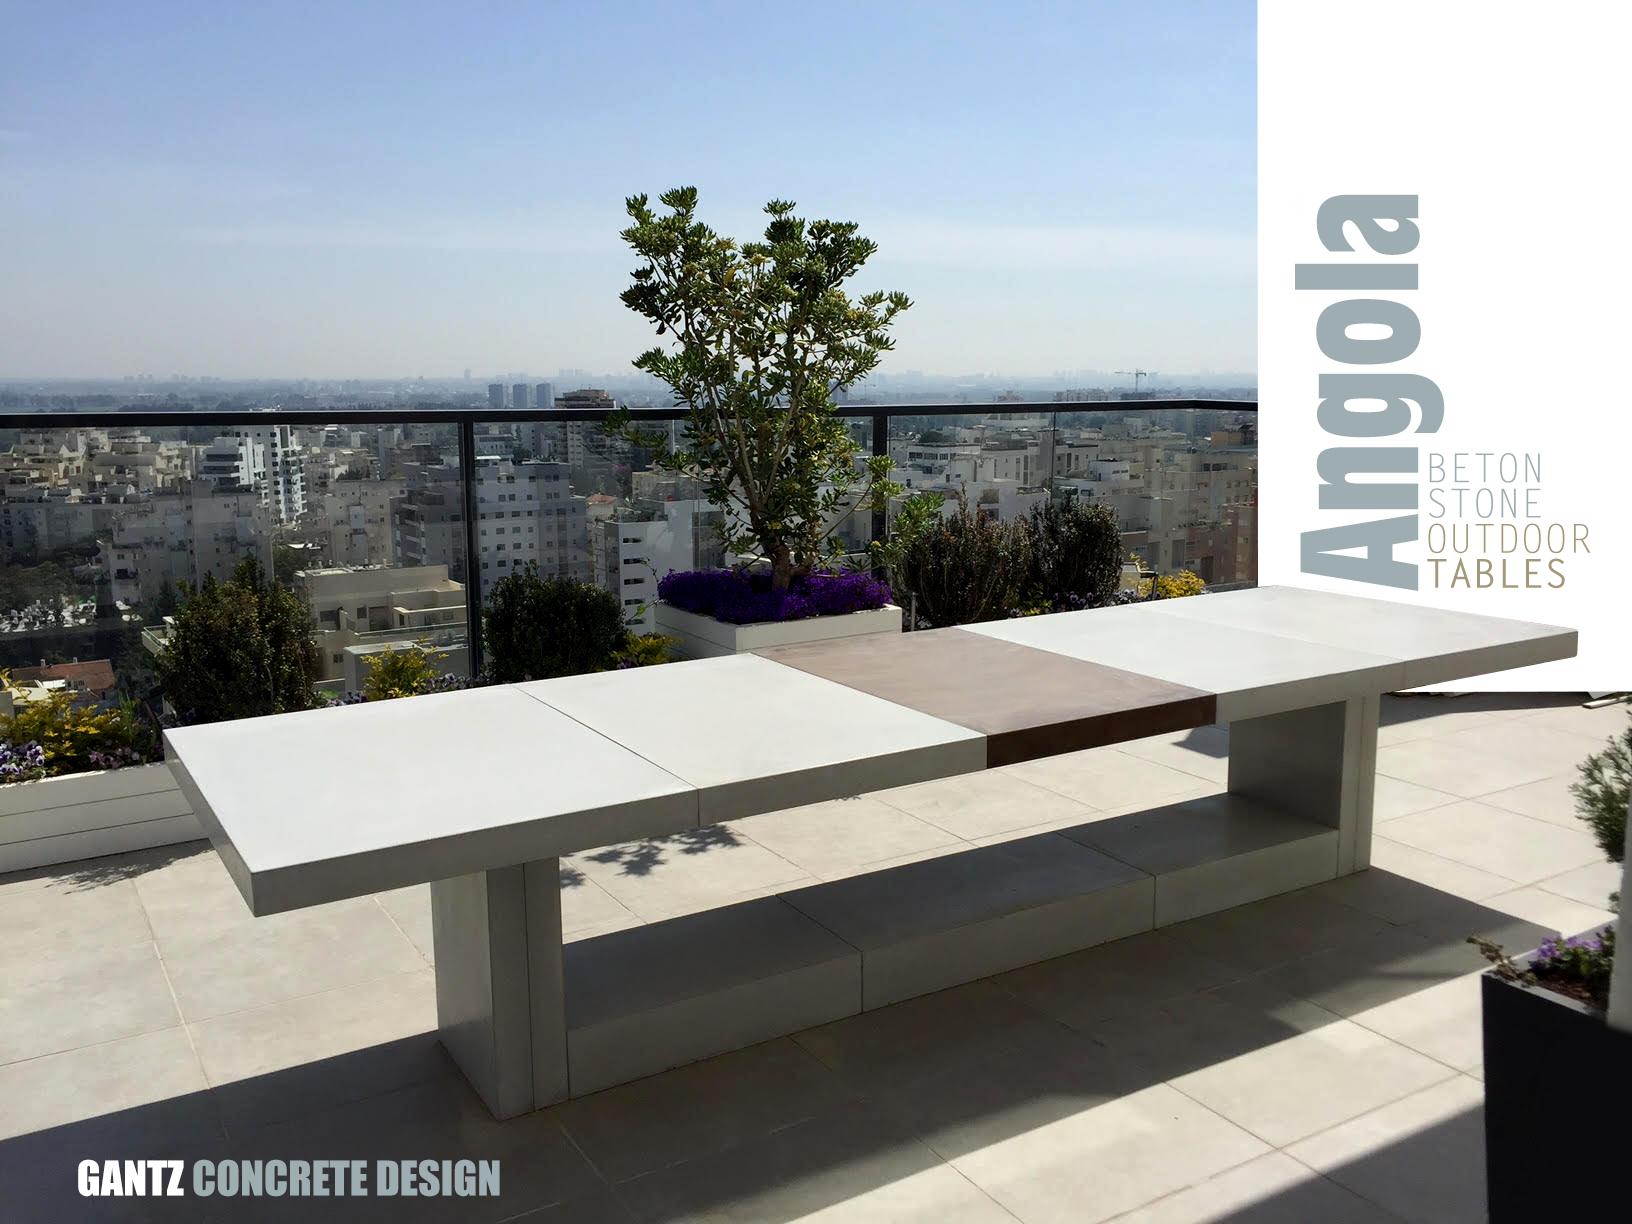 שולחן חוץ מבטון סטון לבן לאירוח בחצר או במרפסתגנץ -